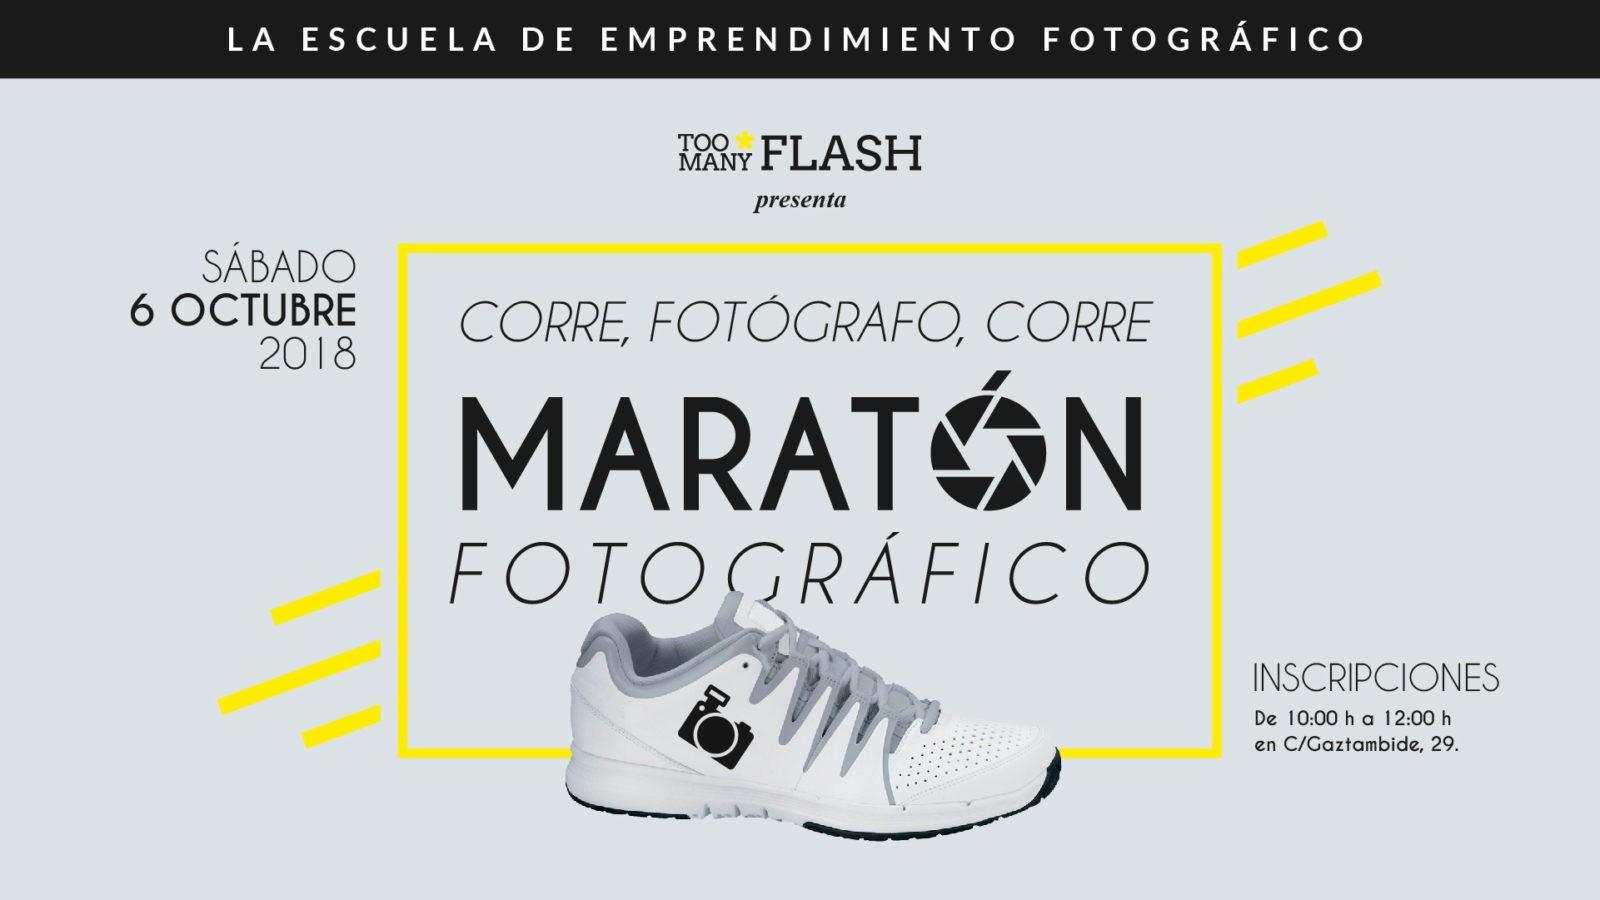 Ganadores V Maratón Fotográfico TOO MANY FLASH